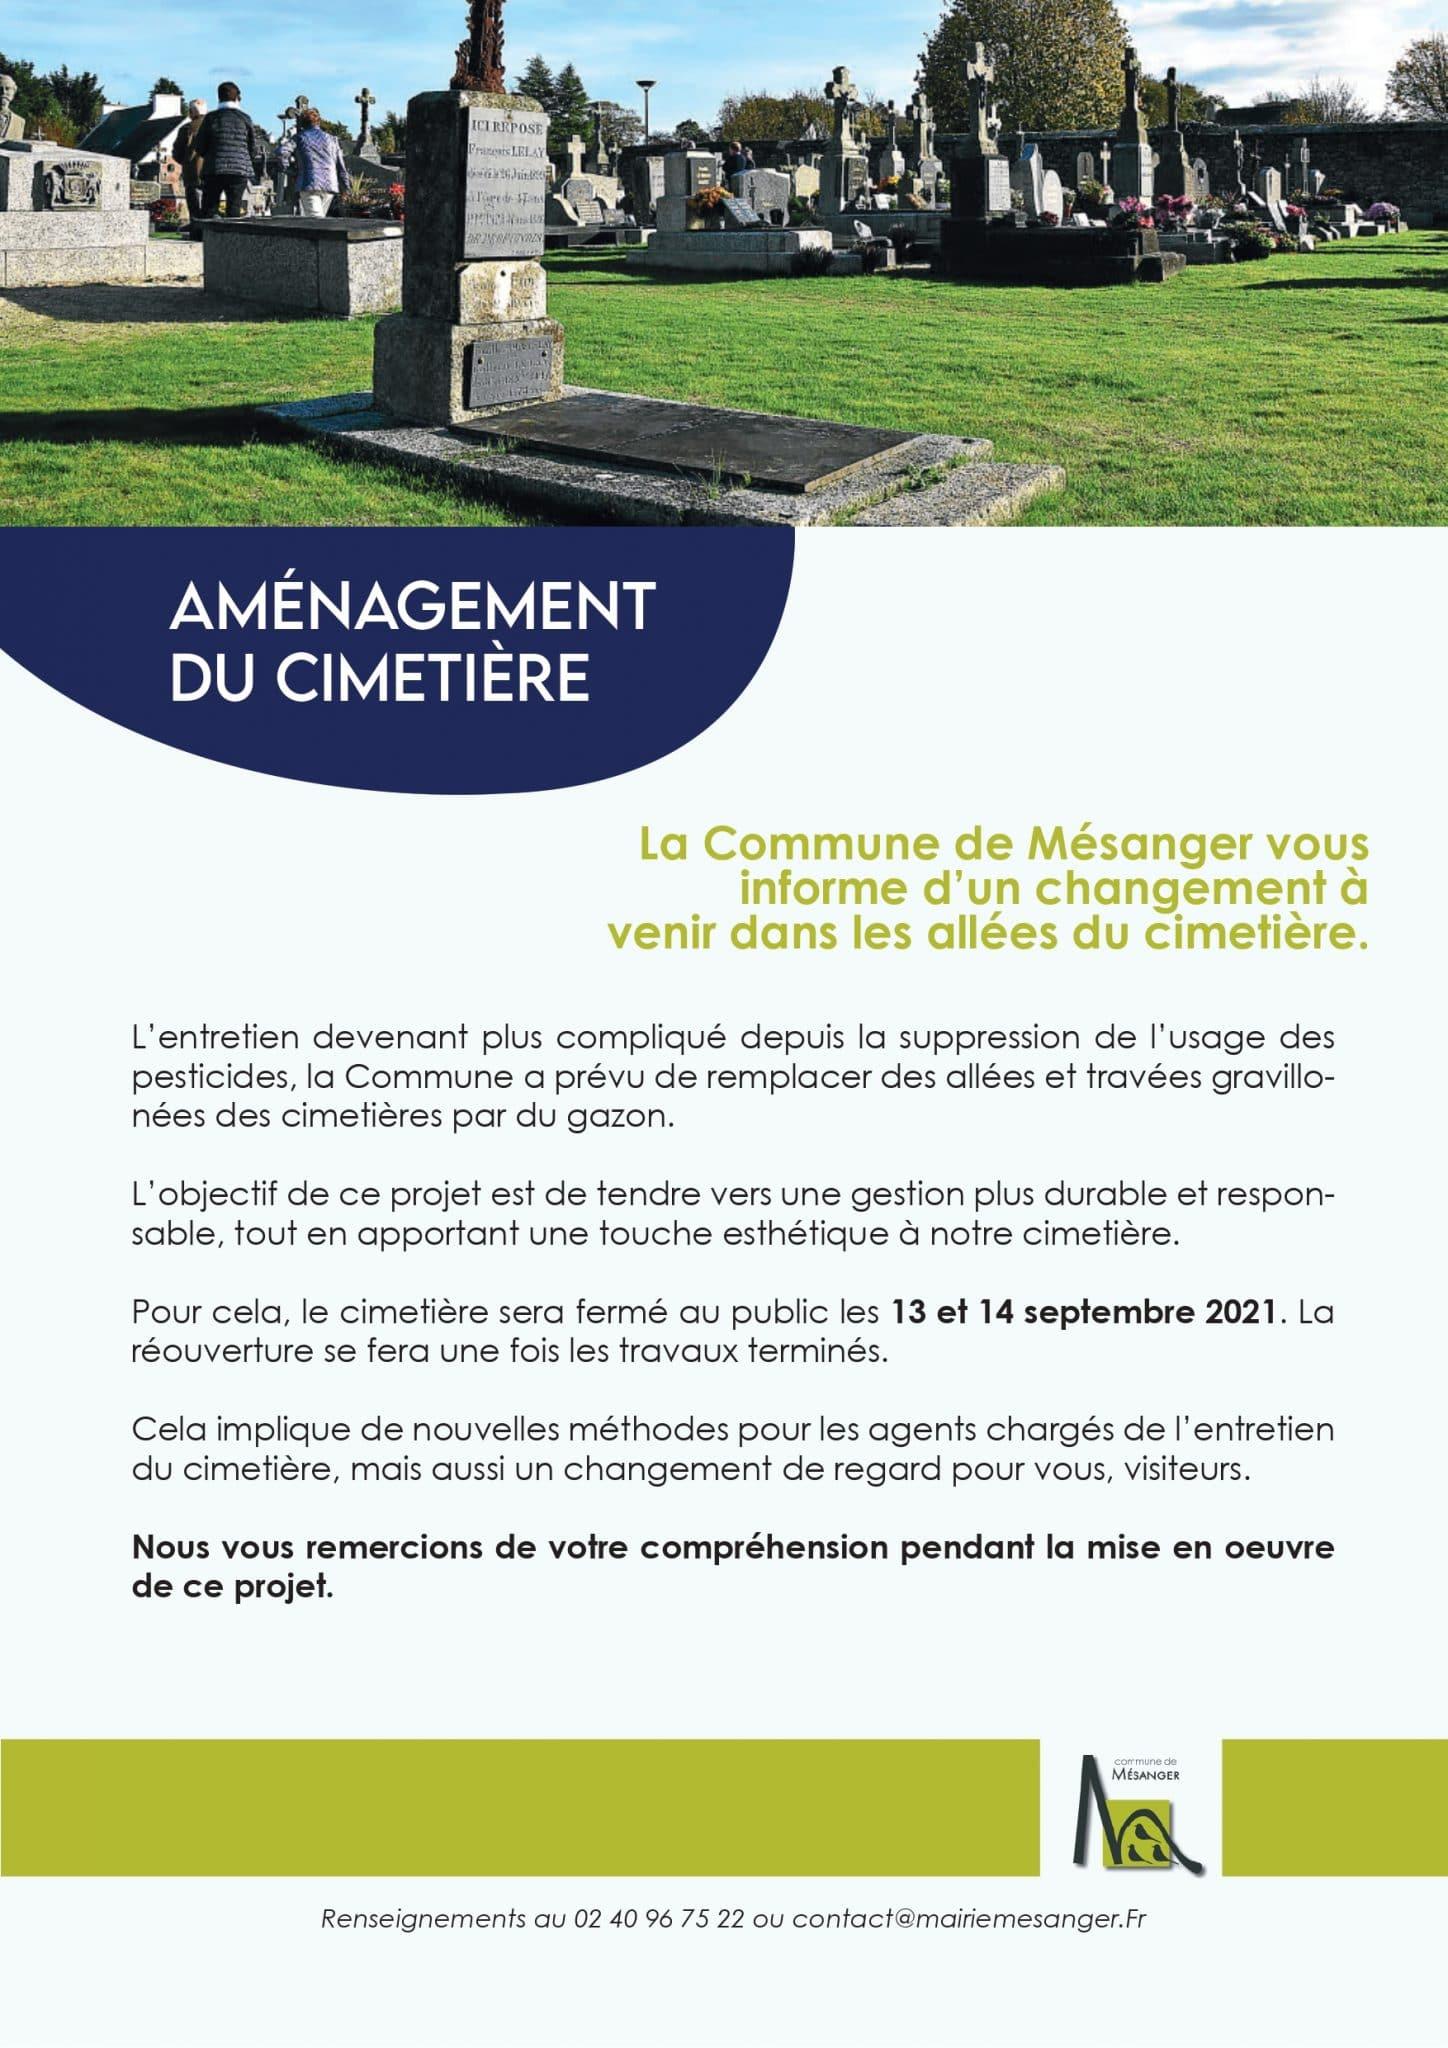 Aménagement du cimetière, Mairie de Mésanger